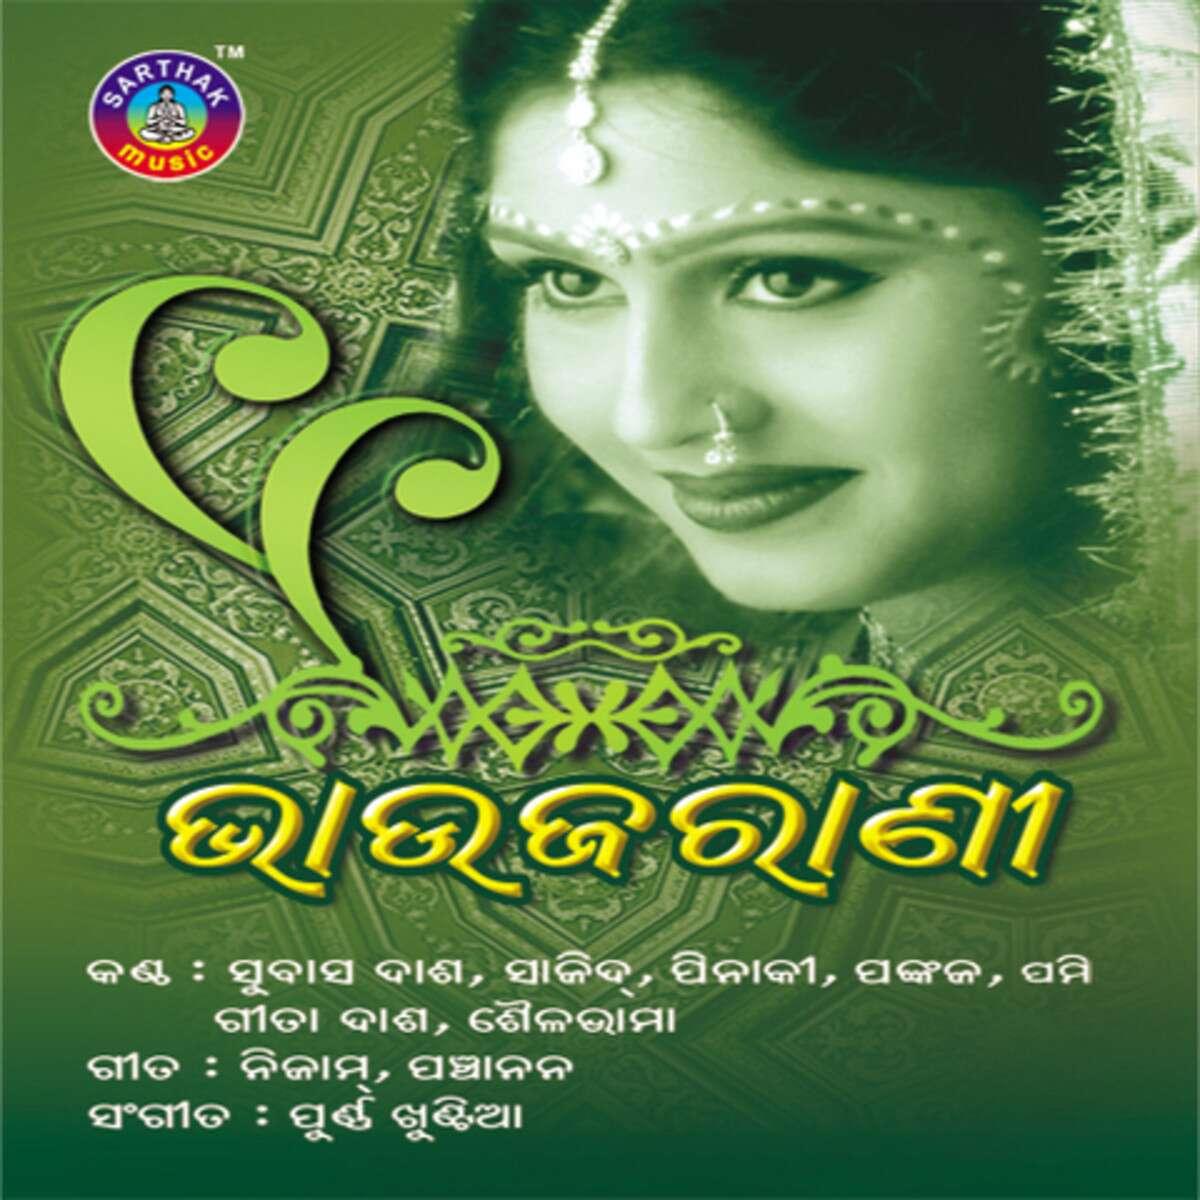 Boulo Bou (Geeta Das)